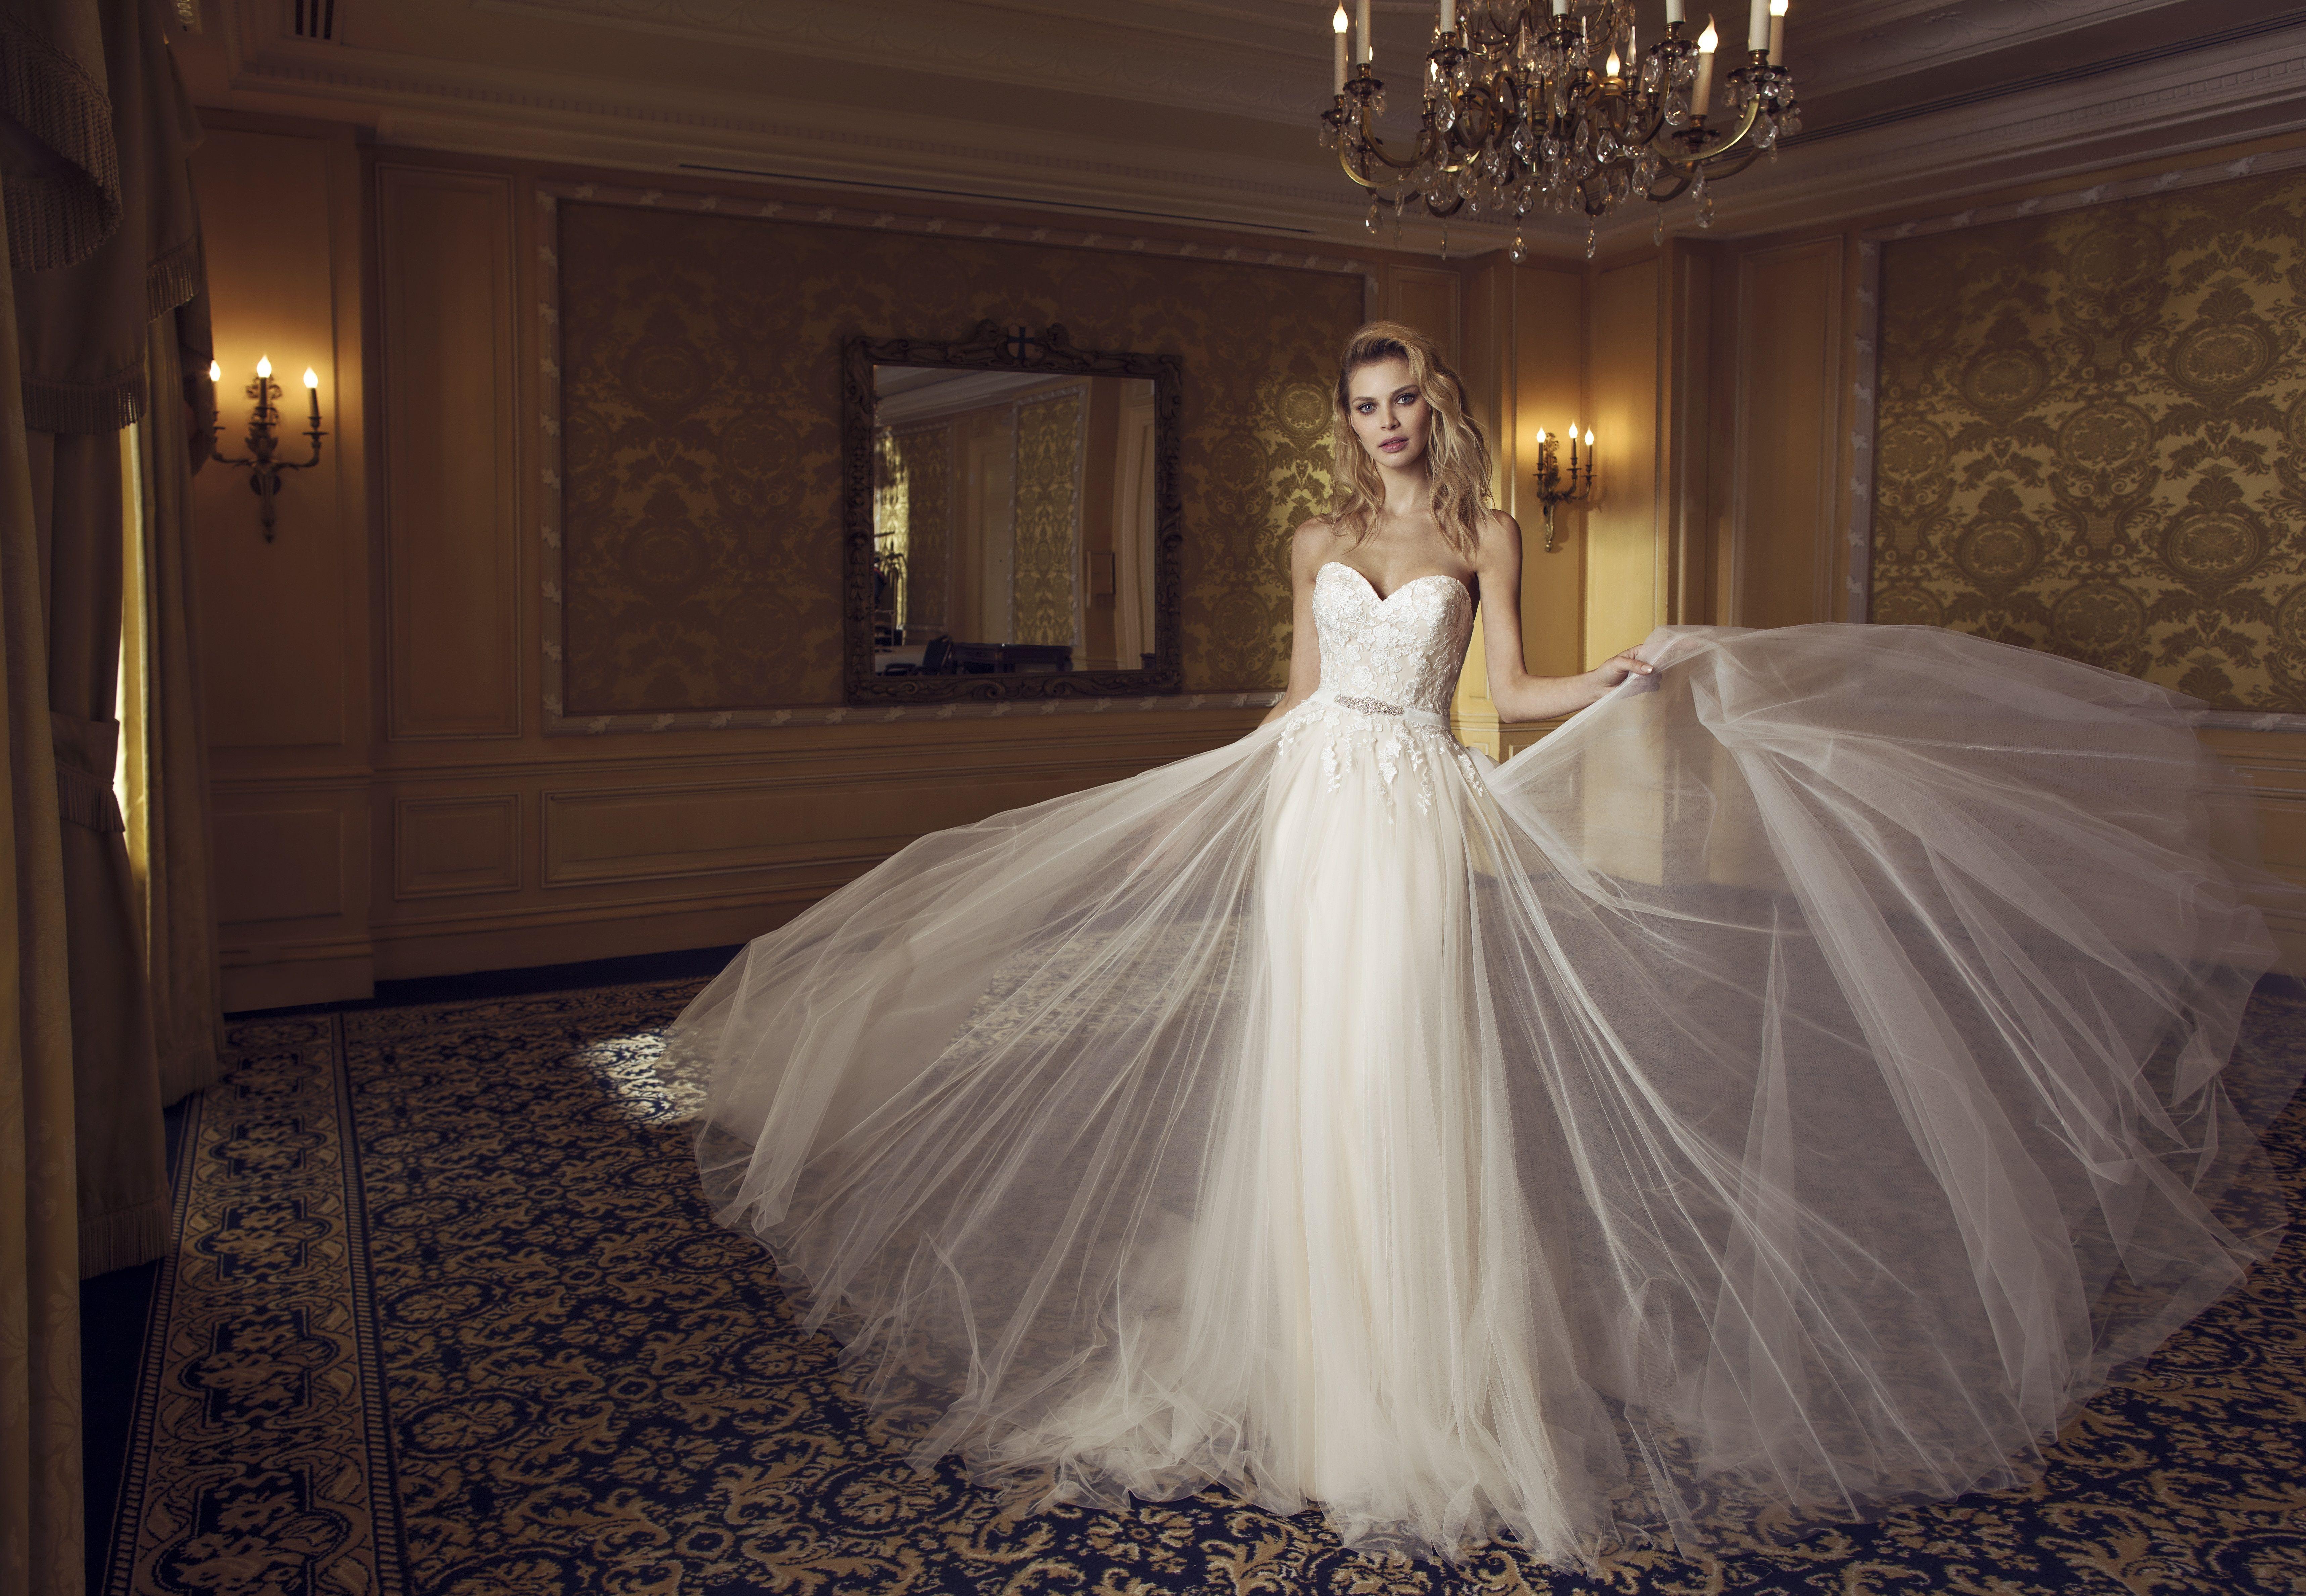 Glamourös - hier kommt die Braut! Leichtes, fließendes ...